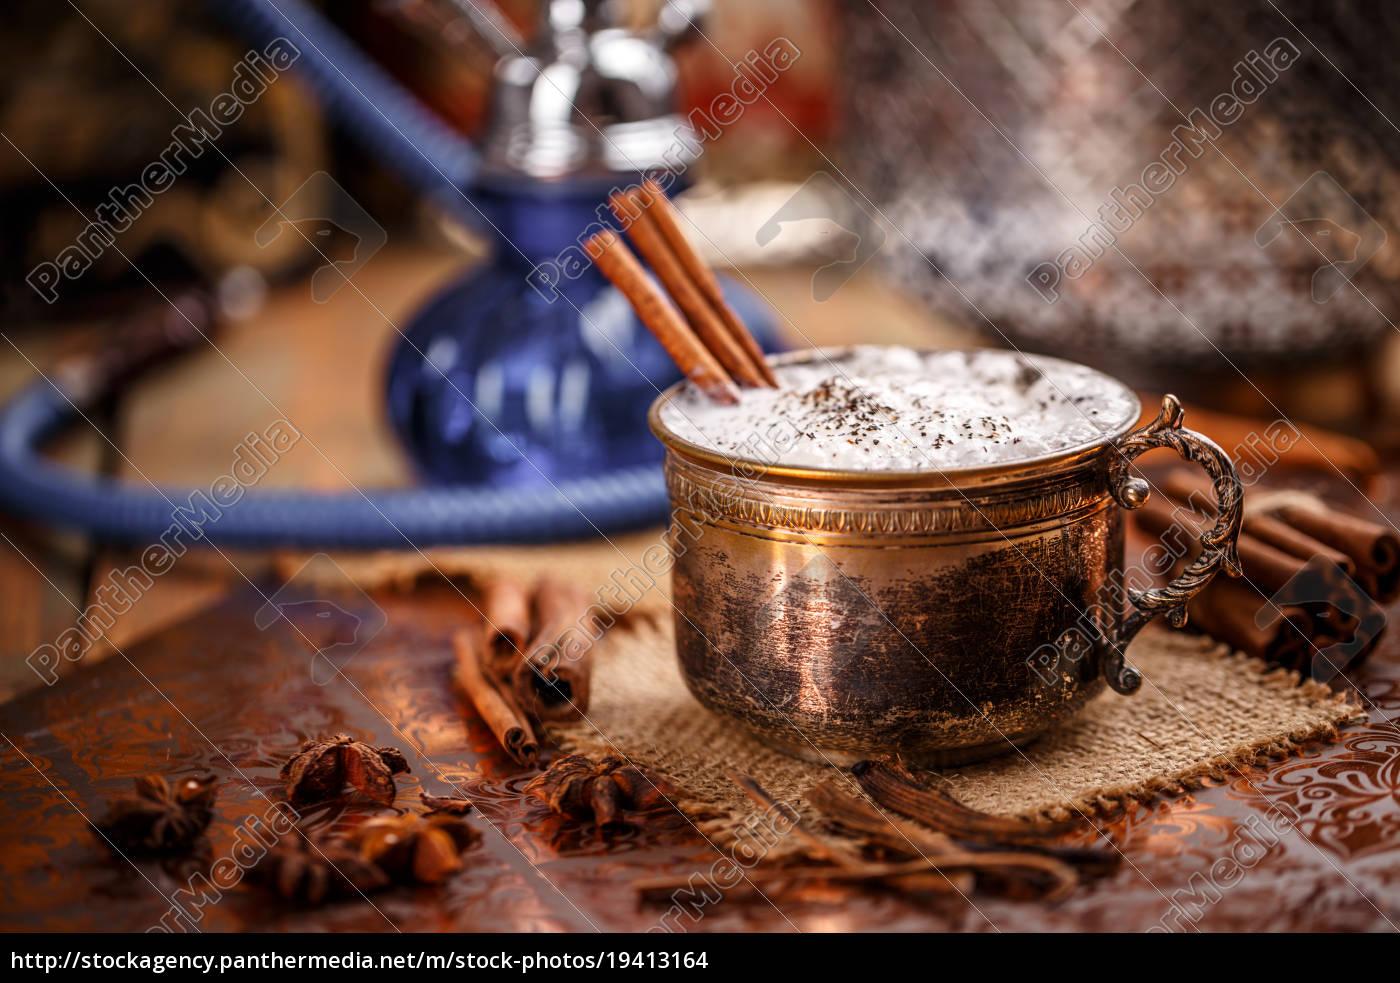 chai, latte, spiced, tea - 19413164